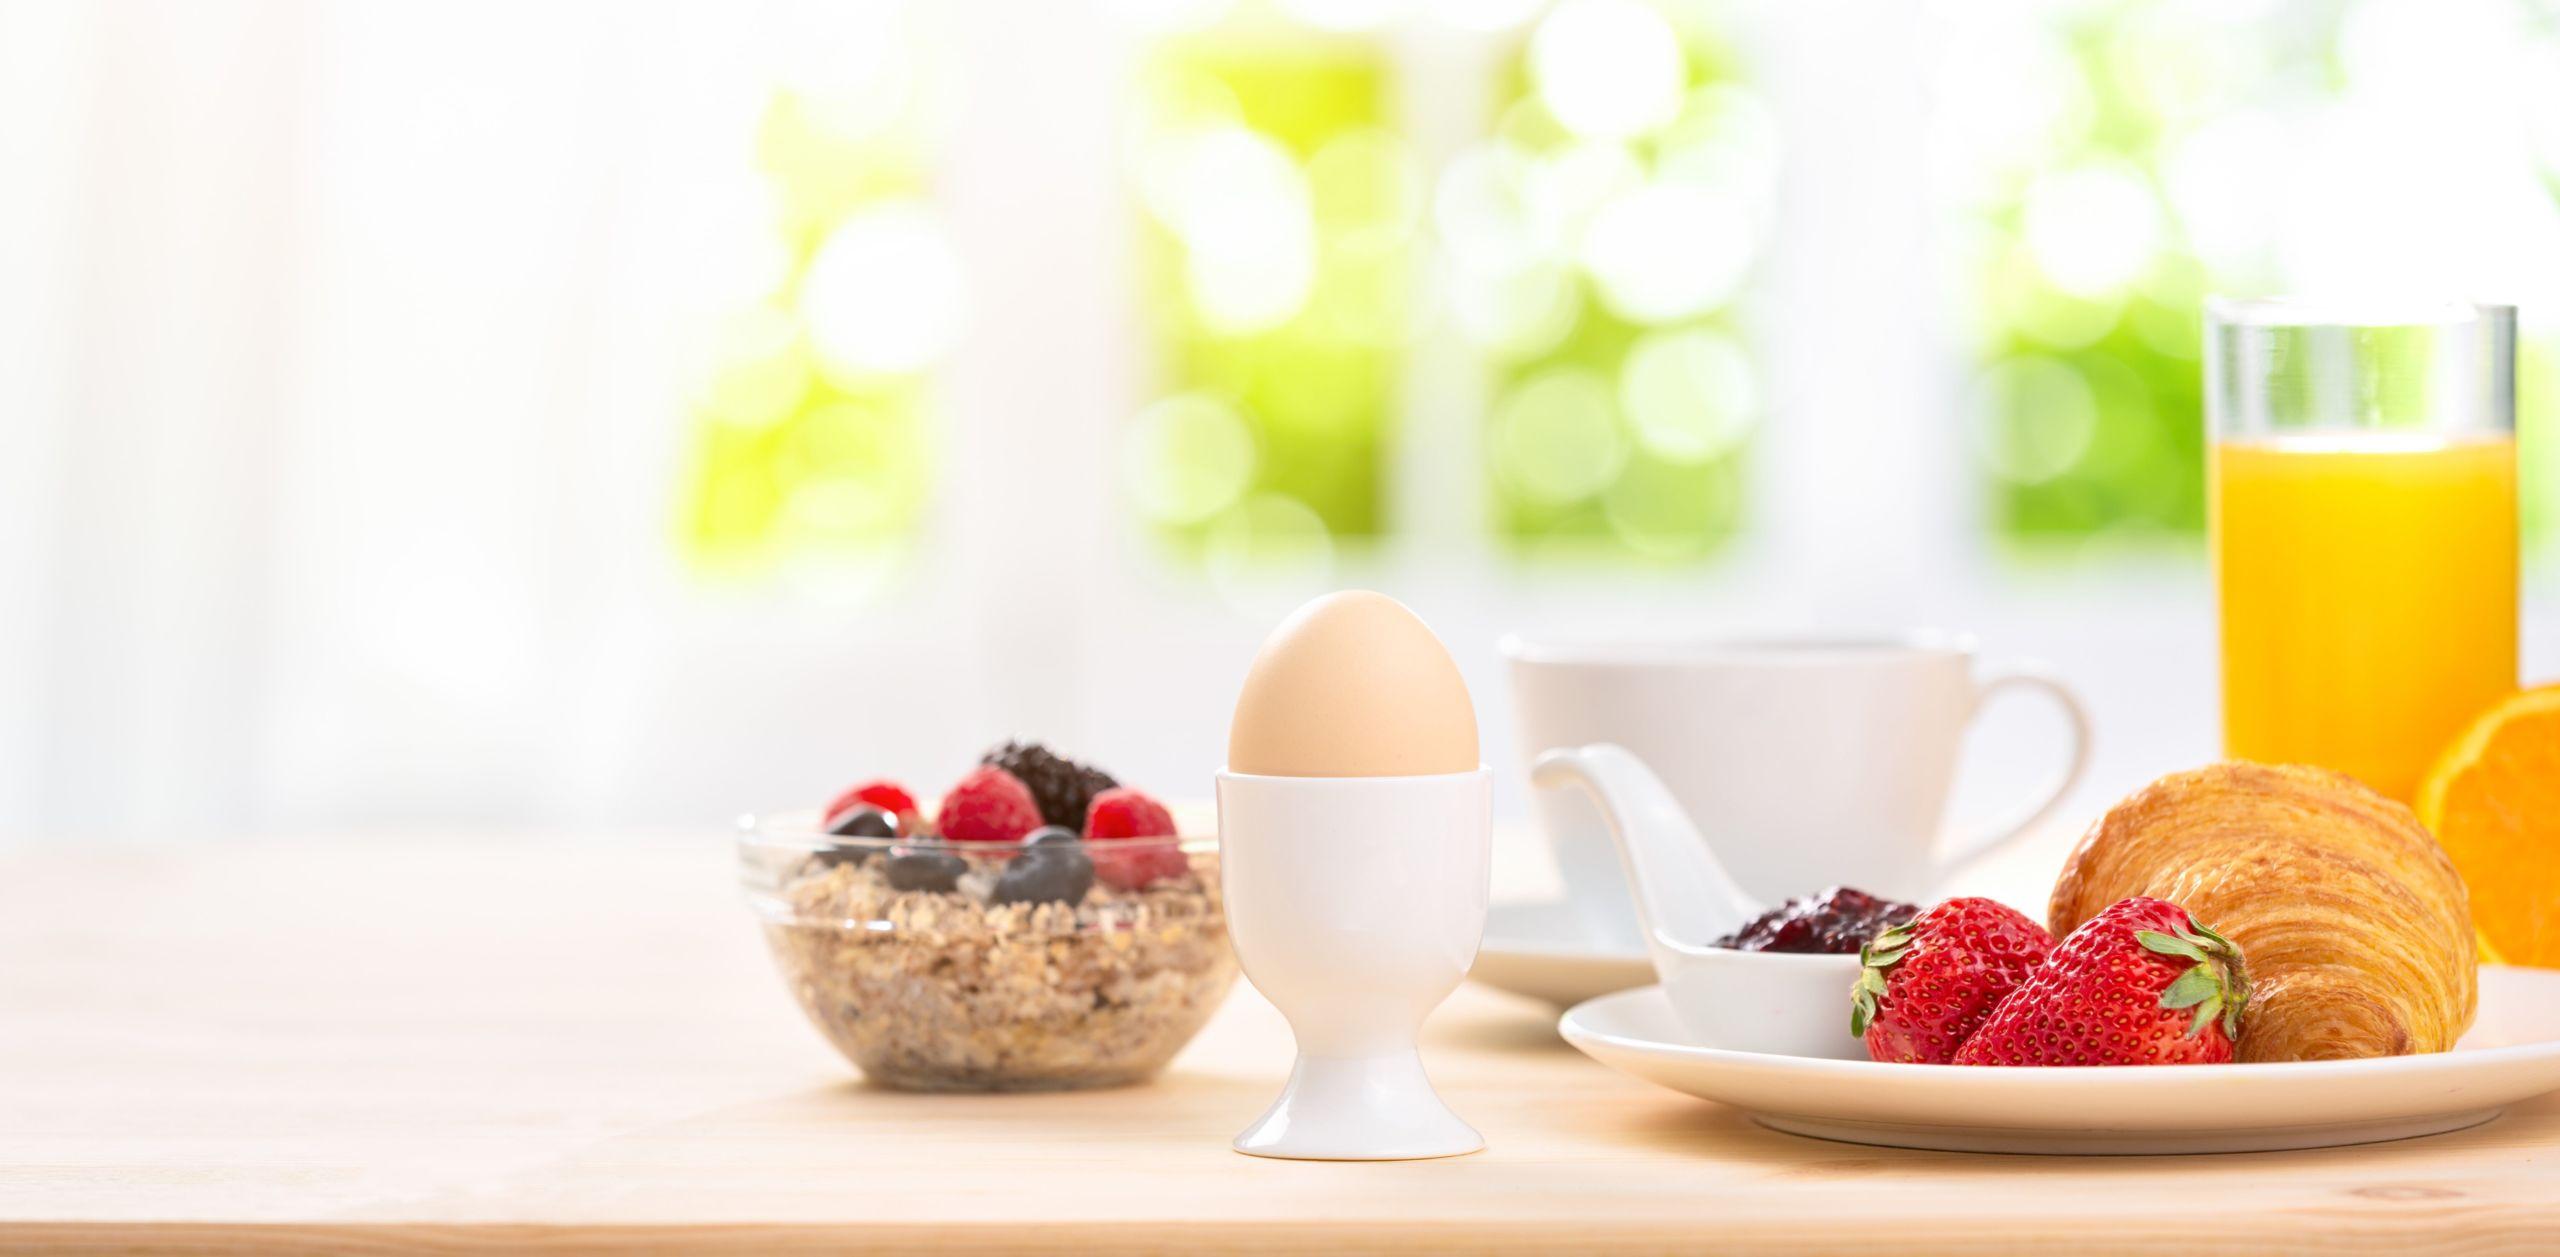 Esempi di colazione sana per perdere peso